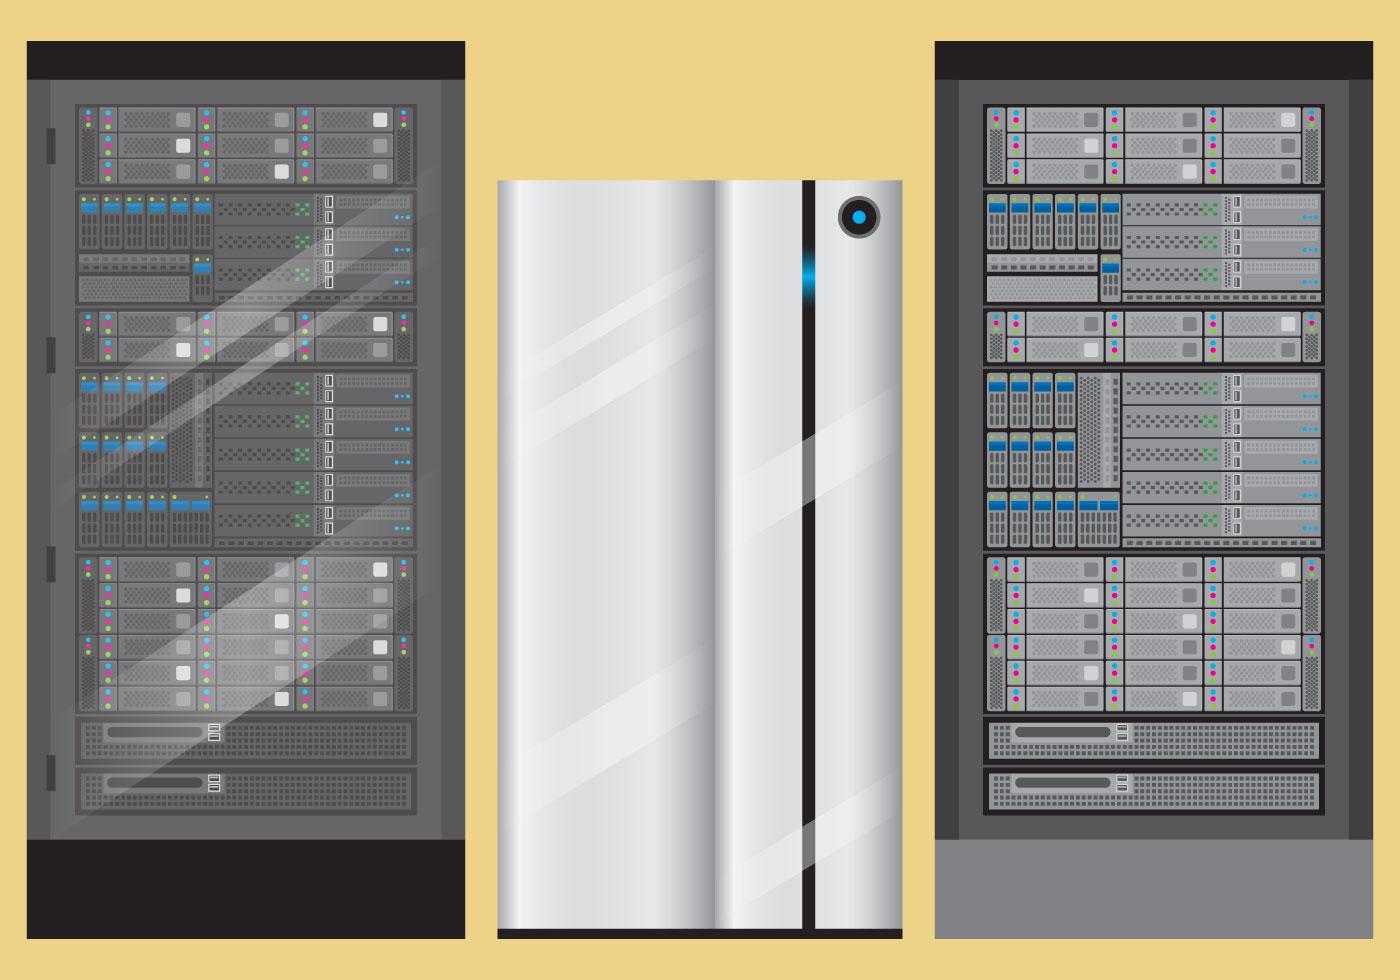 Server Rack Vectors Download Free Vectors Clipart